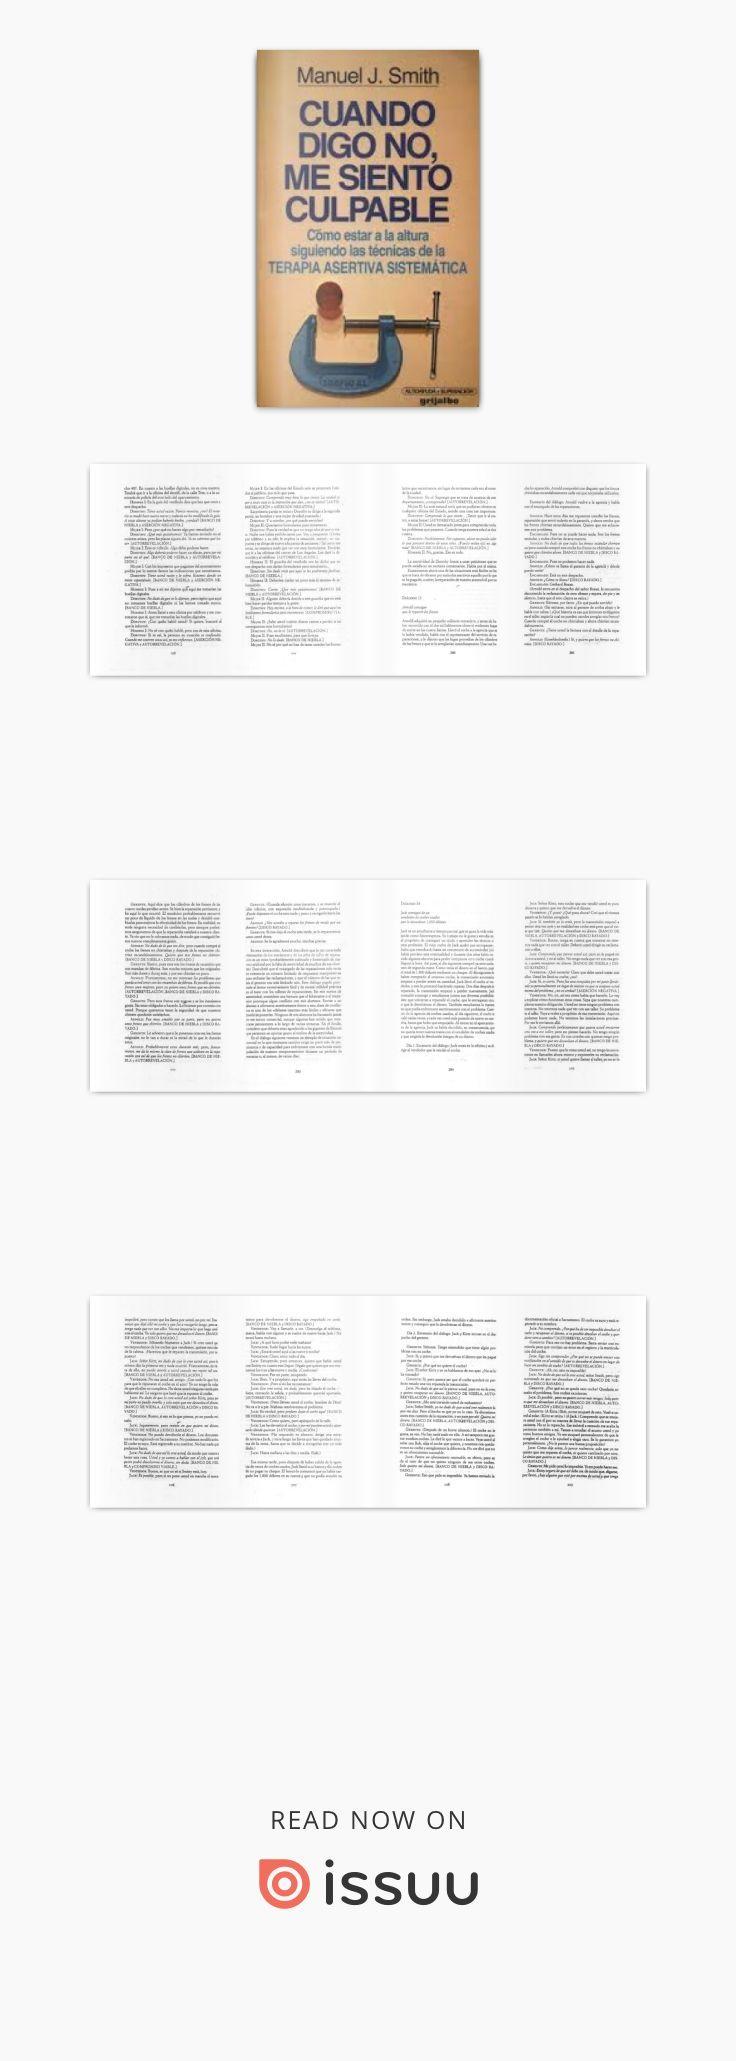 Best 25 grijalbo ideas on pinterest fotografa en secuencia grijalbo smith manuel j cuando digo no me siento culpable fandeluxe Image collections